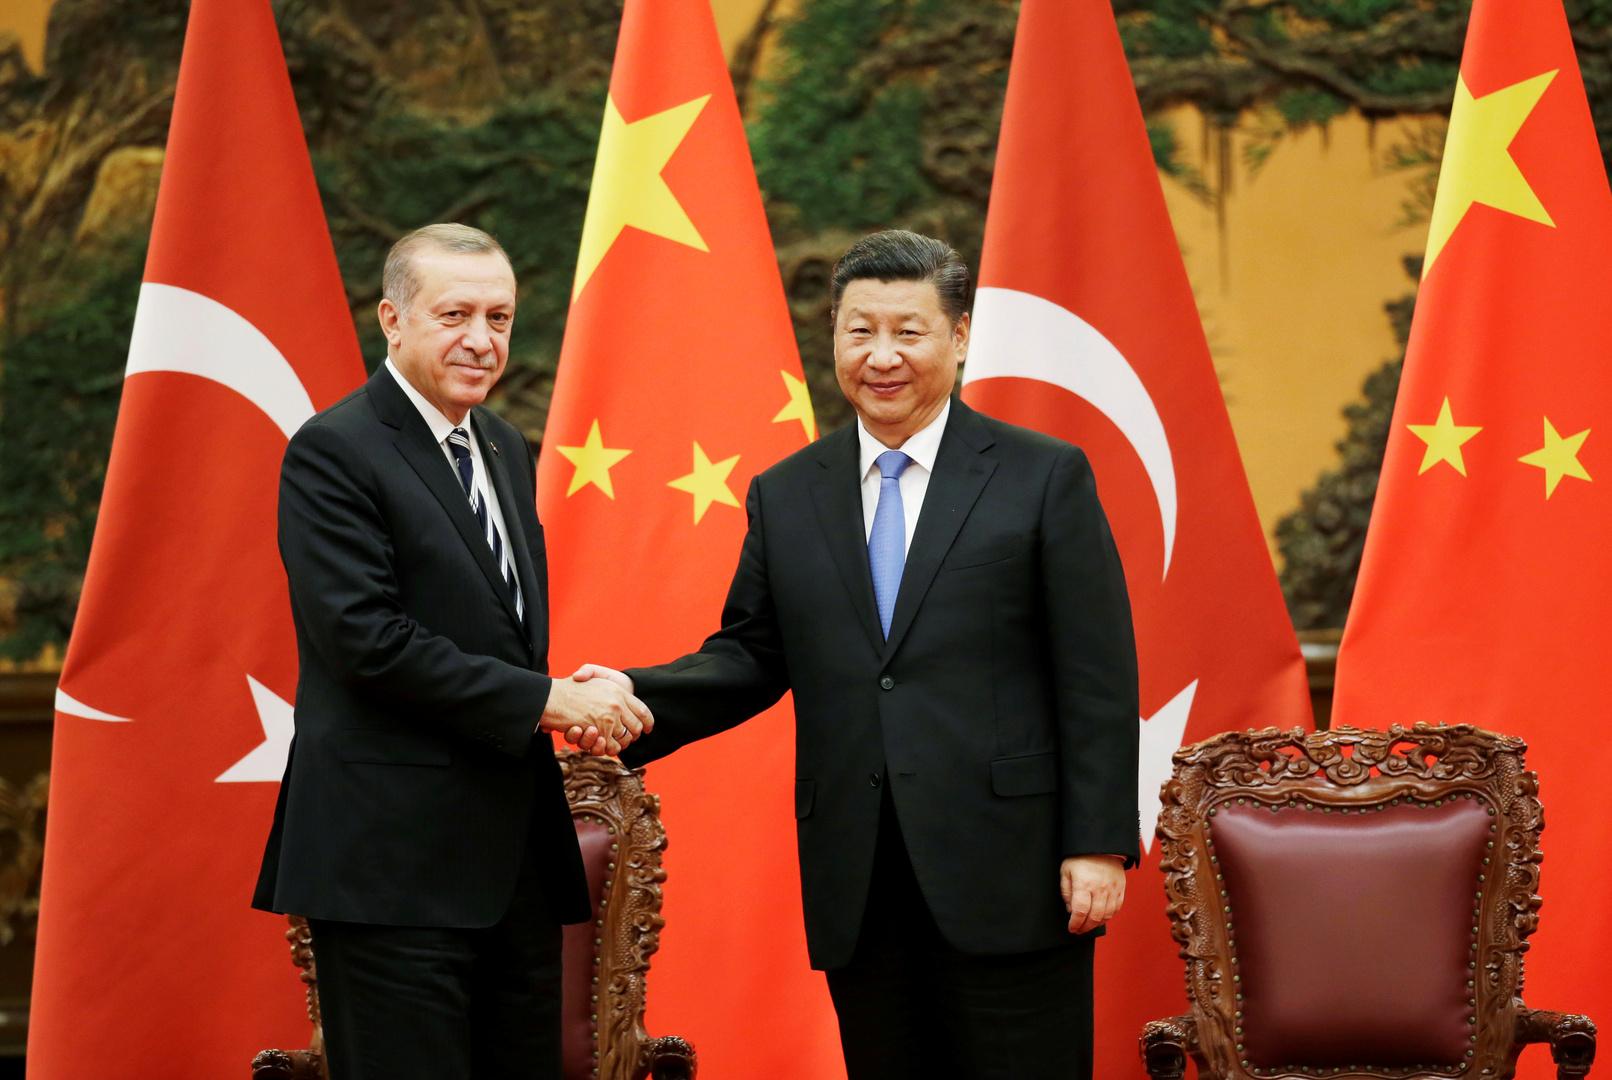 الرئيس الصيني، شي جين بينغ، والرئيس التركي، رجب طيب أردوغان.